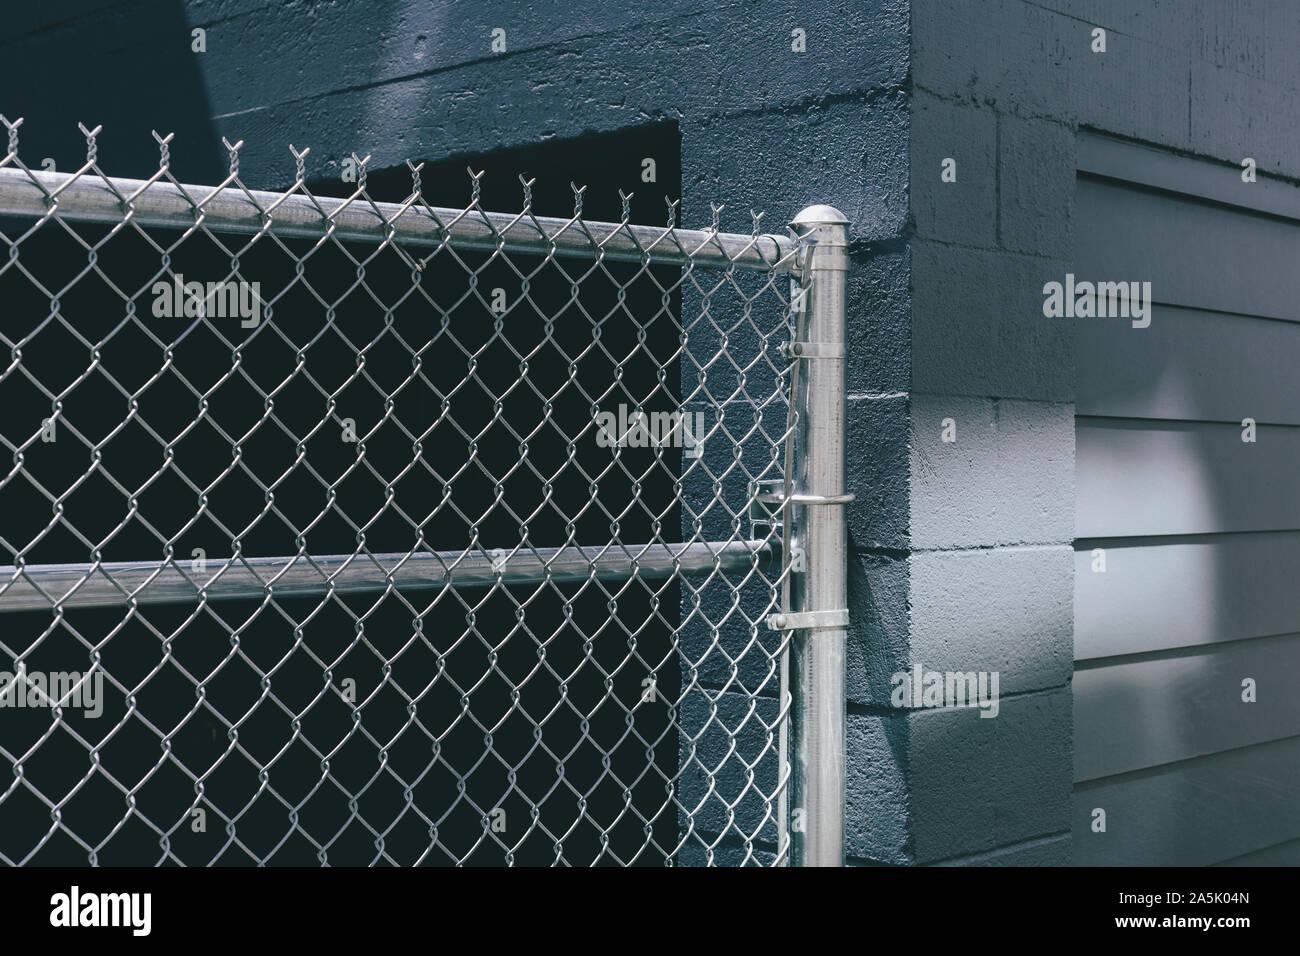 Chaîne lien grillage sur la porte du bâtiment, les graffitis de pulvérisation de peinture sur mur urbain Banque D'Images